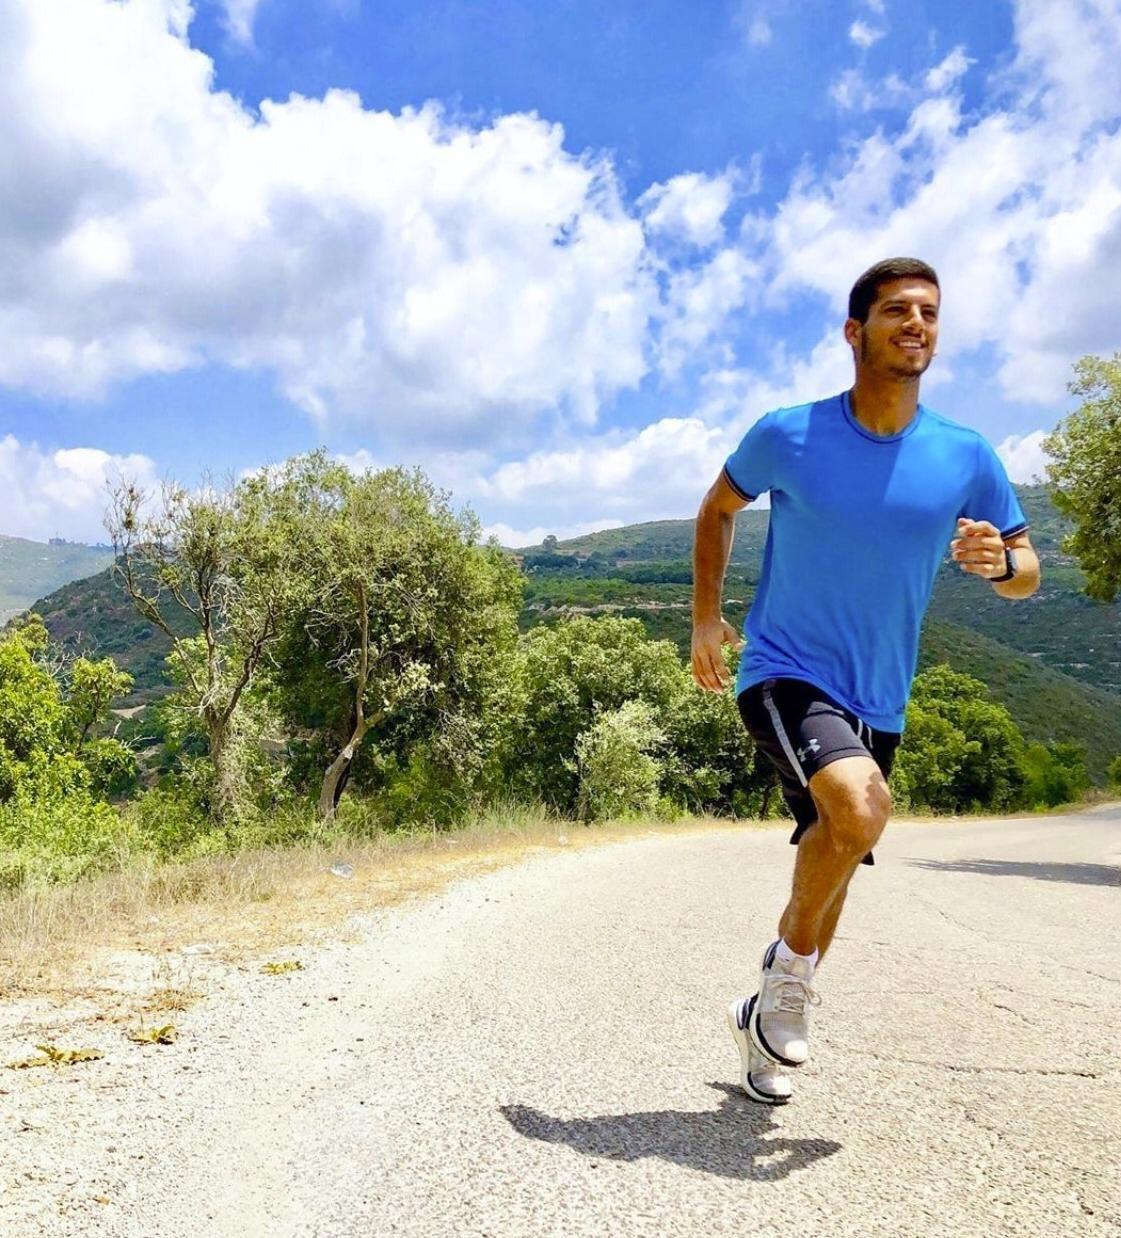 רון סיטנר בוגר קורס מאמני ריצות ארוכות